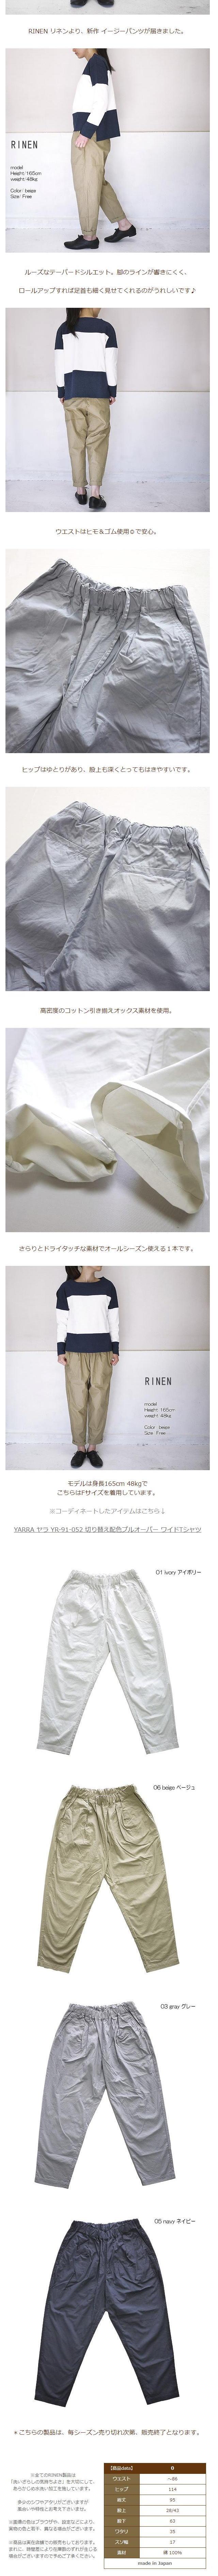 RINEN 41903 リネン 30/1 引き揃えオックス ワンタックイージーパンツ